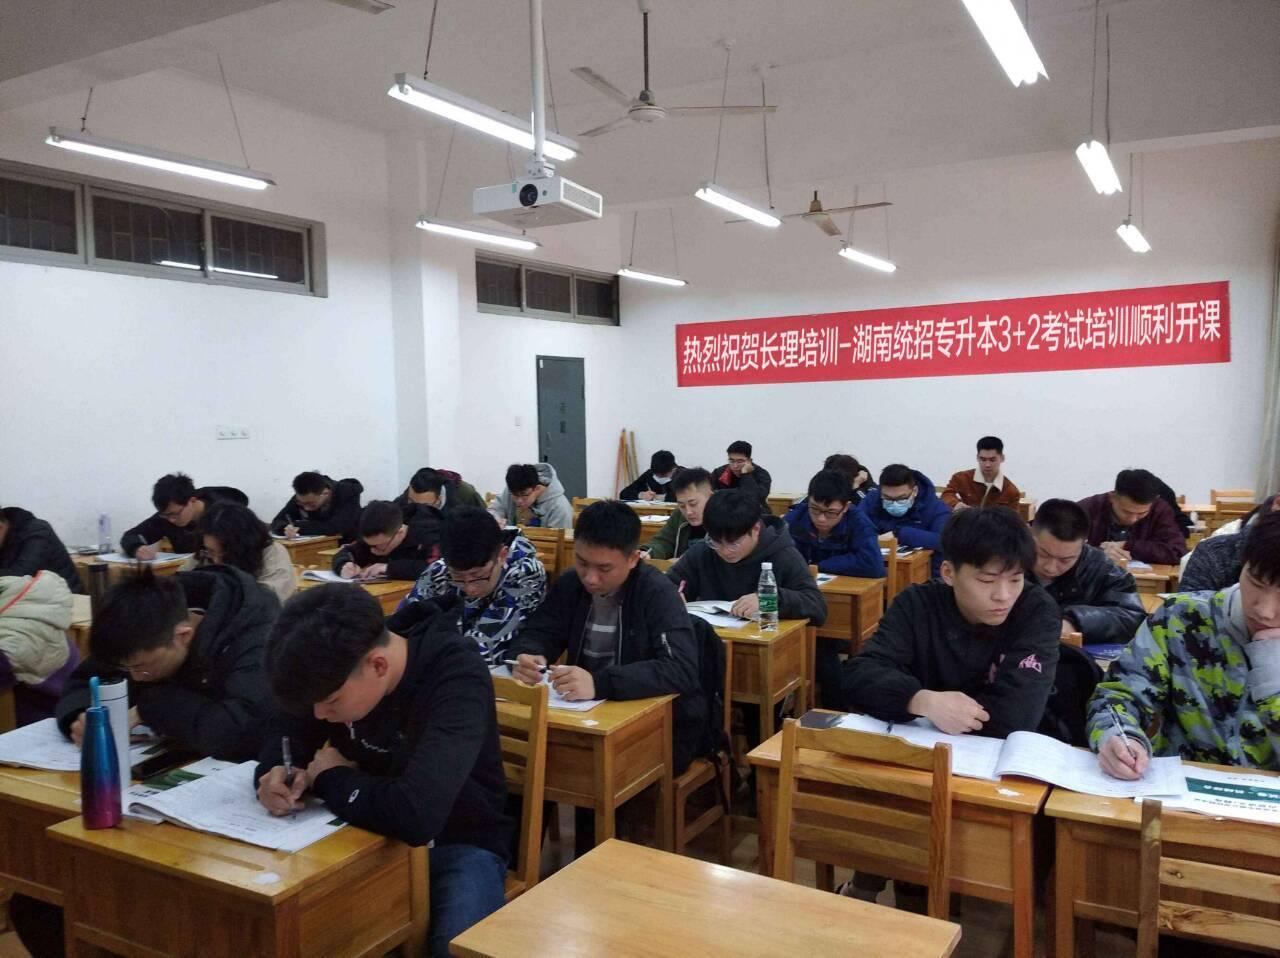 湖南全日制统招专升本考试这些你清楚了吗?